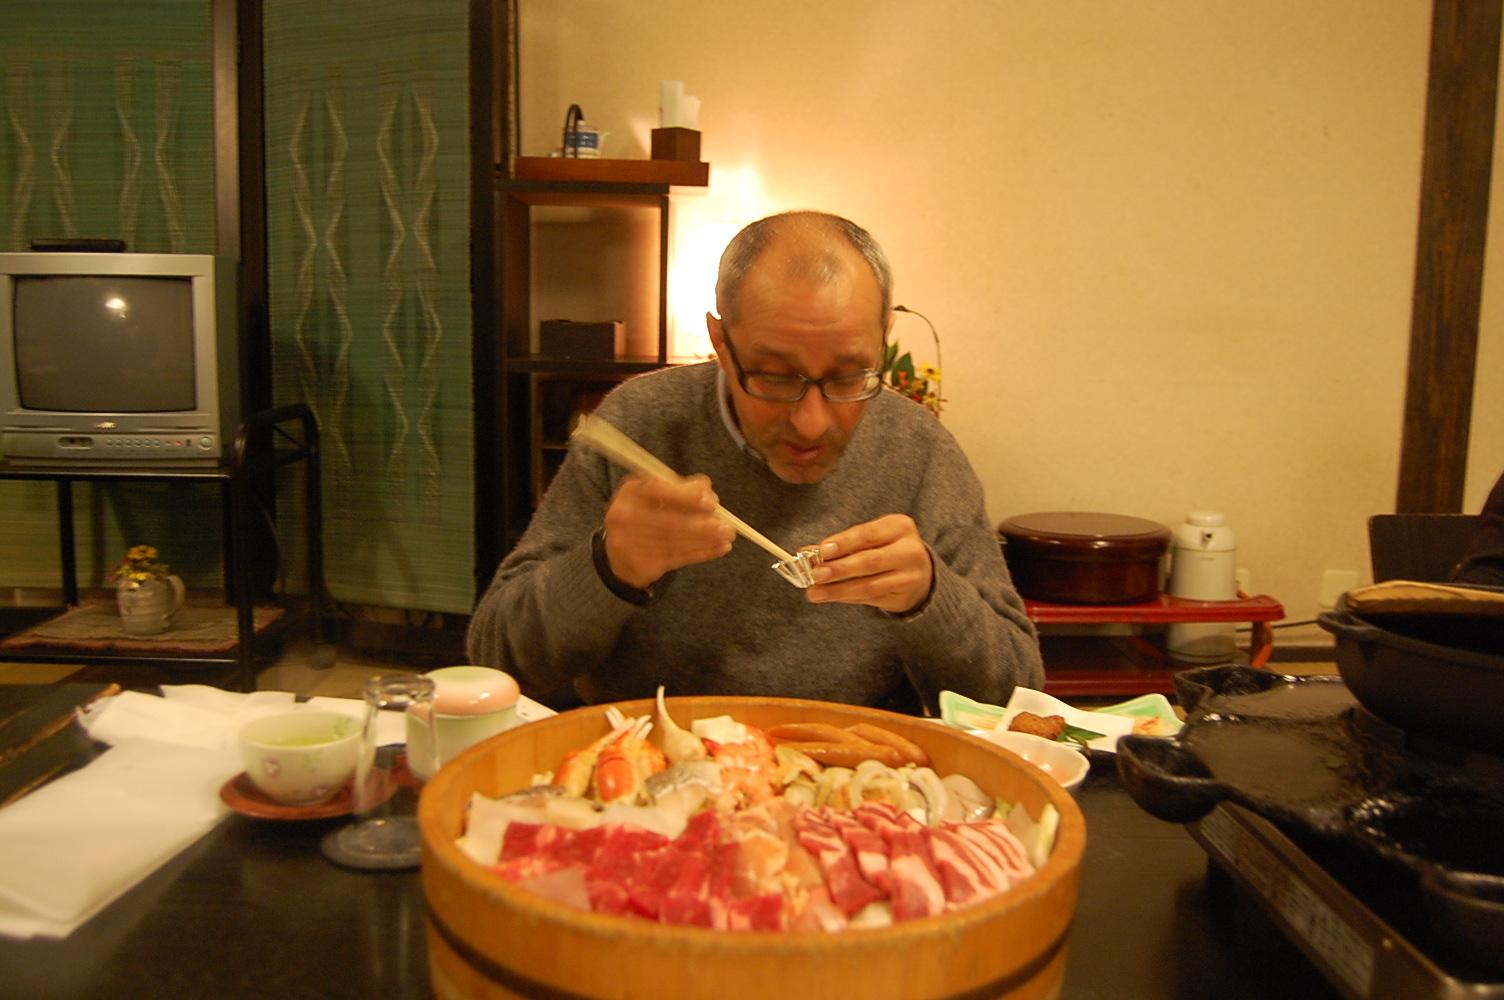 シチリア人日本滞在記 九州 その壱 バゥ_d0084229_23213375.jpg